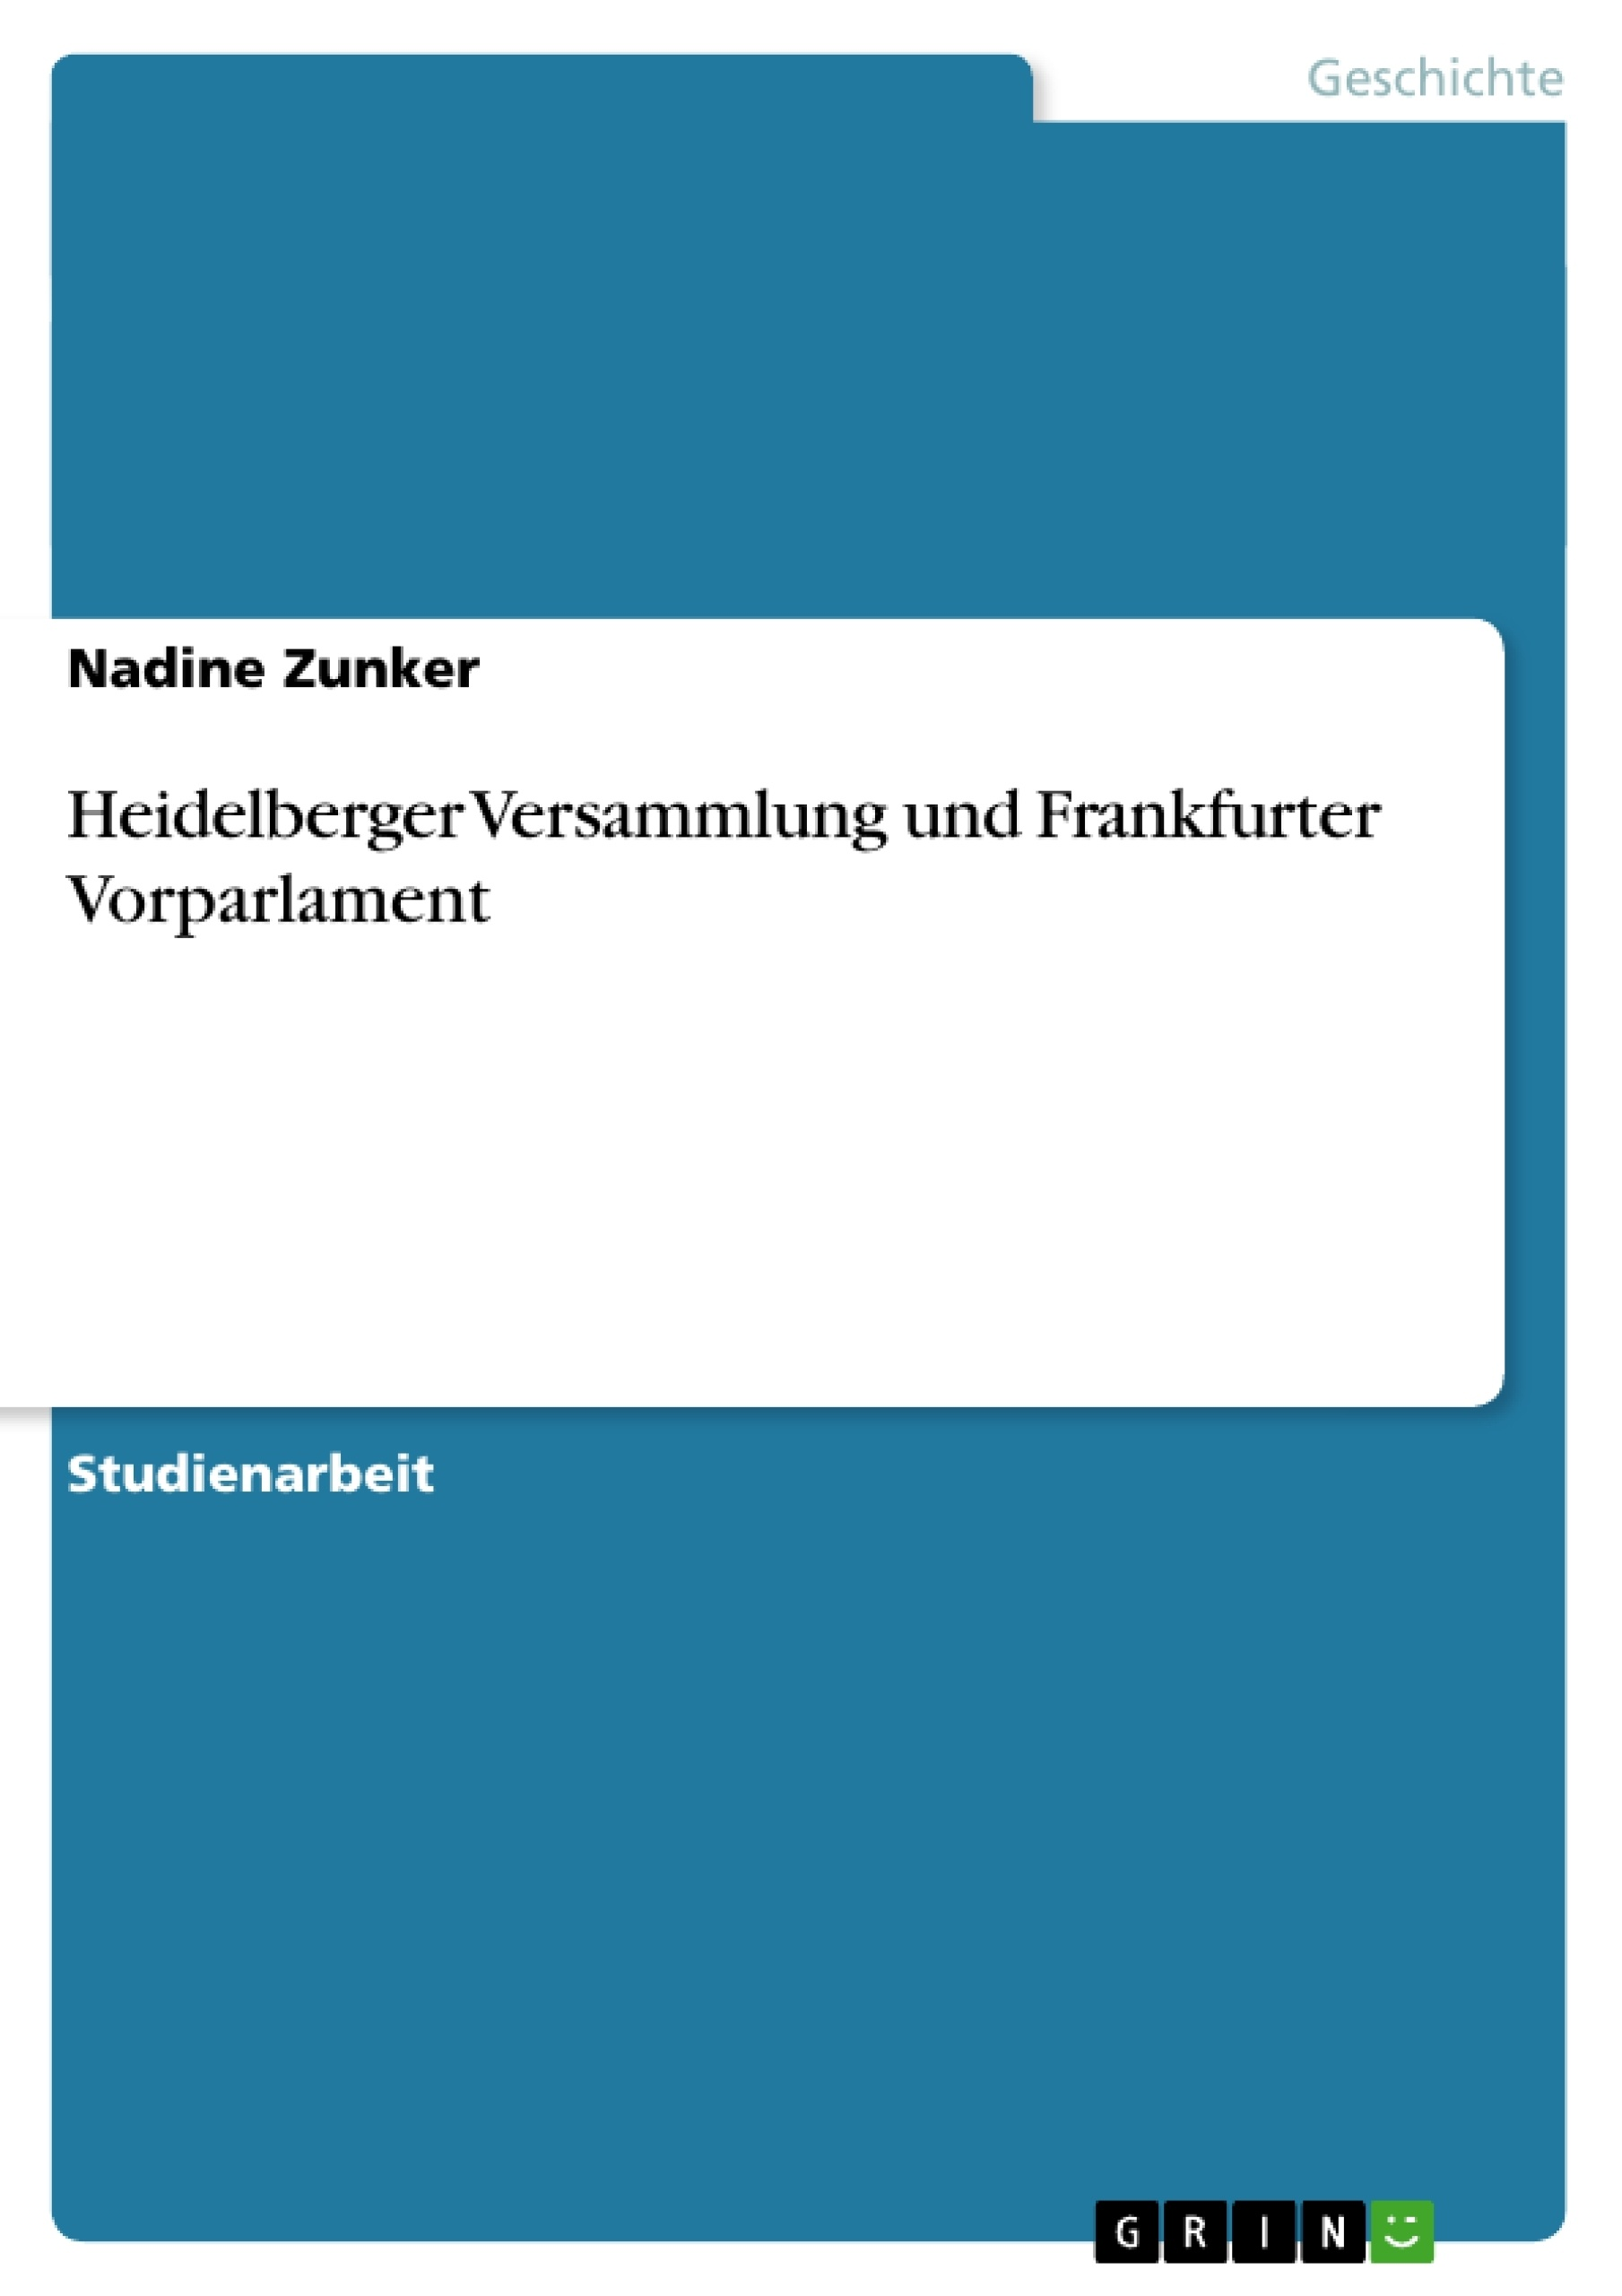 Titel: Heidelberger Versammlung und Frankfurter Vorparlament